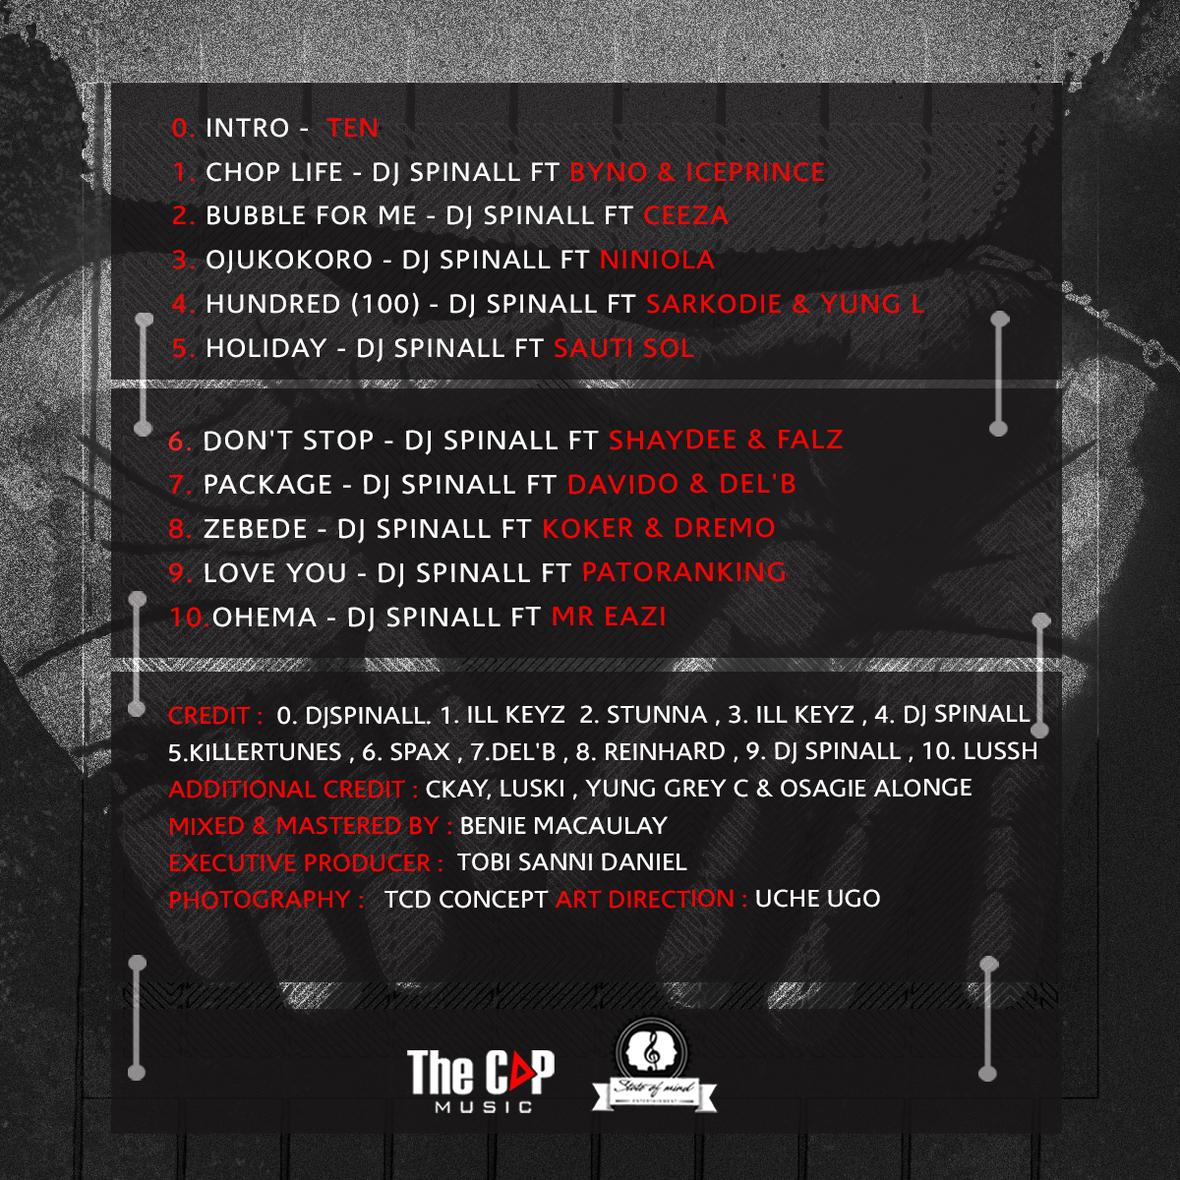 DJ SPINALL - TEN Tracklist